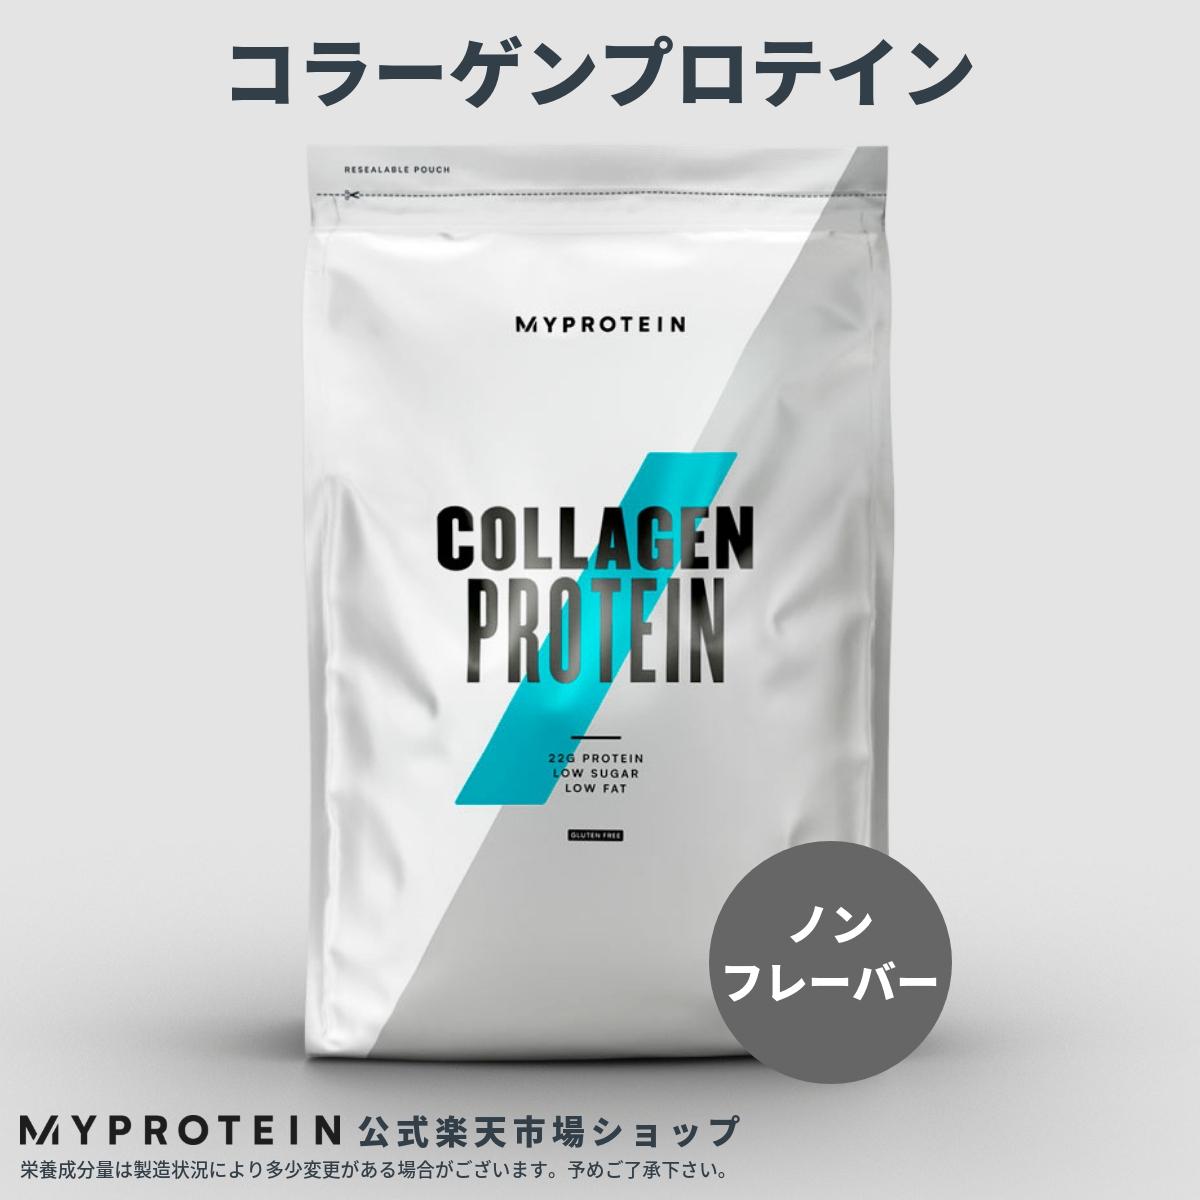 マイプロテイン 公式 【MyProtein】 コラーゲン プロテイン (ノンフレーバー)1kg 約40食分| プロテイン ホエイ ダイエット 筋肉 バルクアップ ボディーメイク 美容プロテイン 美容 サプリメント サプリ